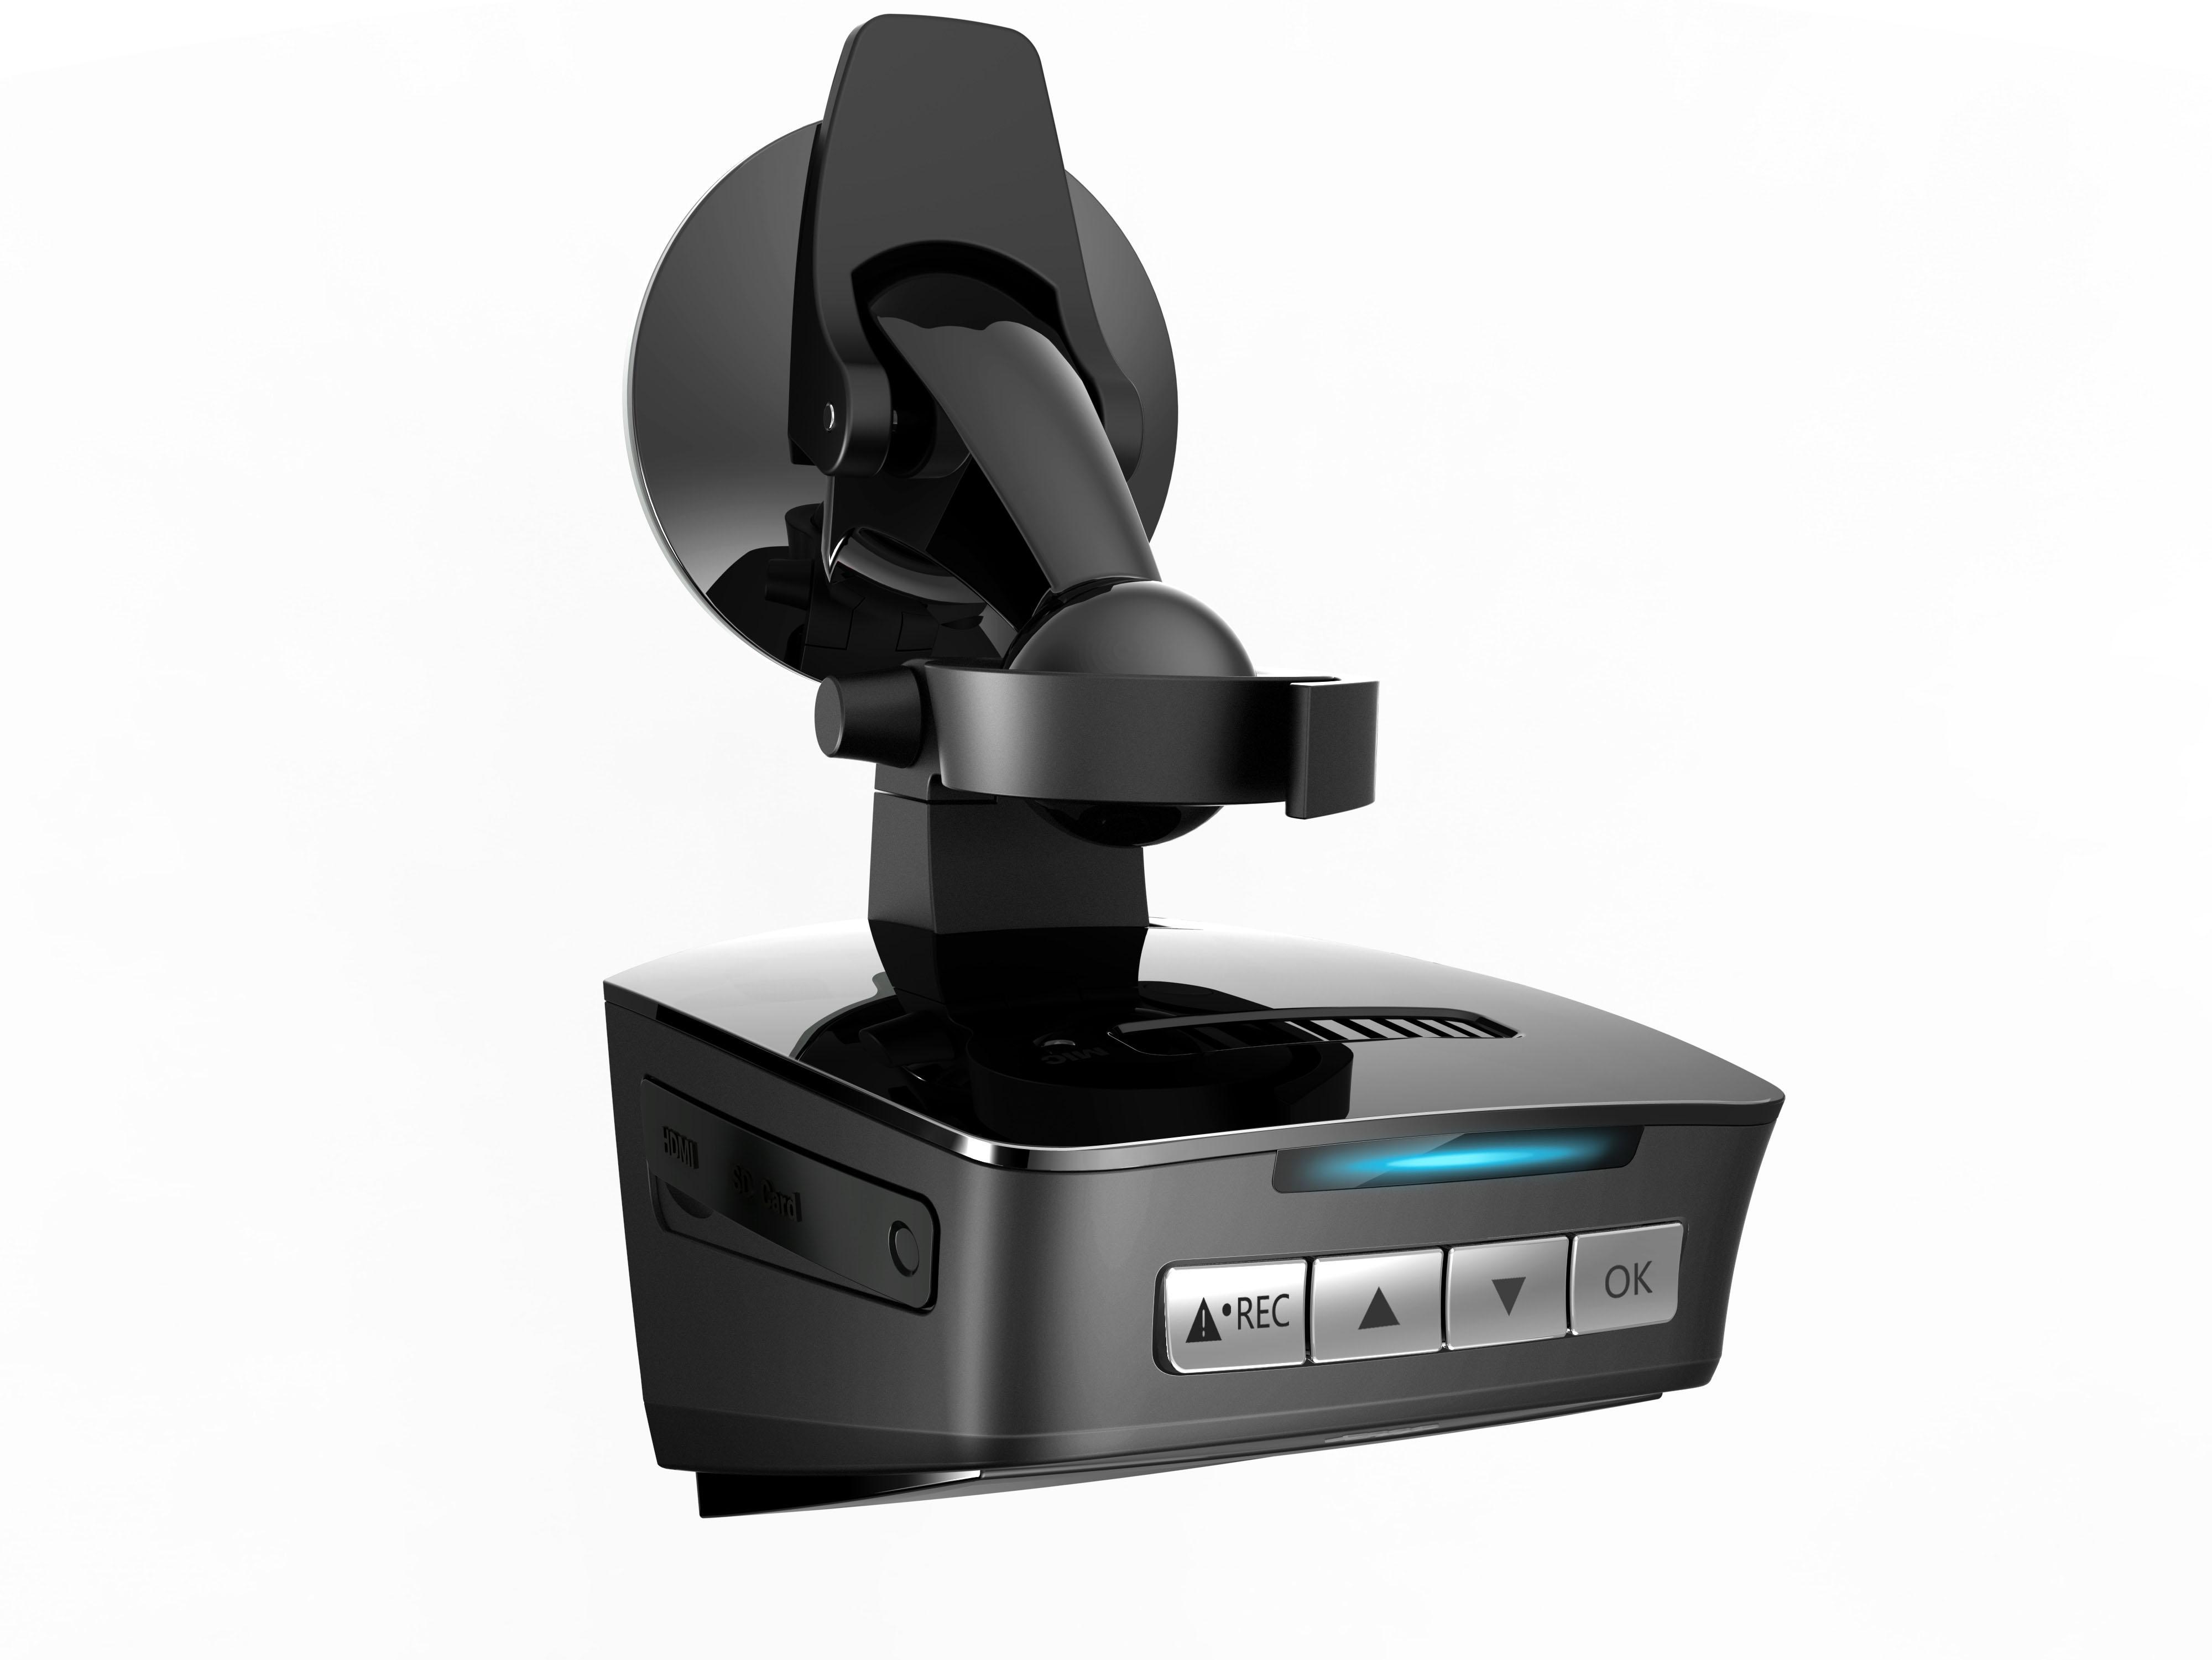 行车记录仪3_产品设计-来设计